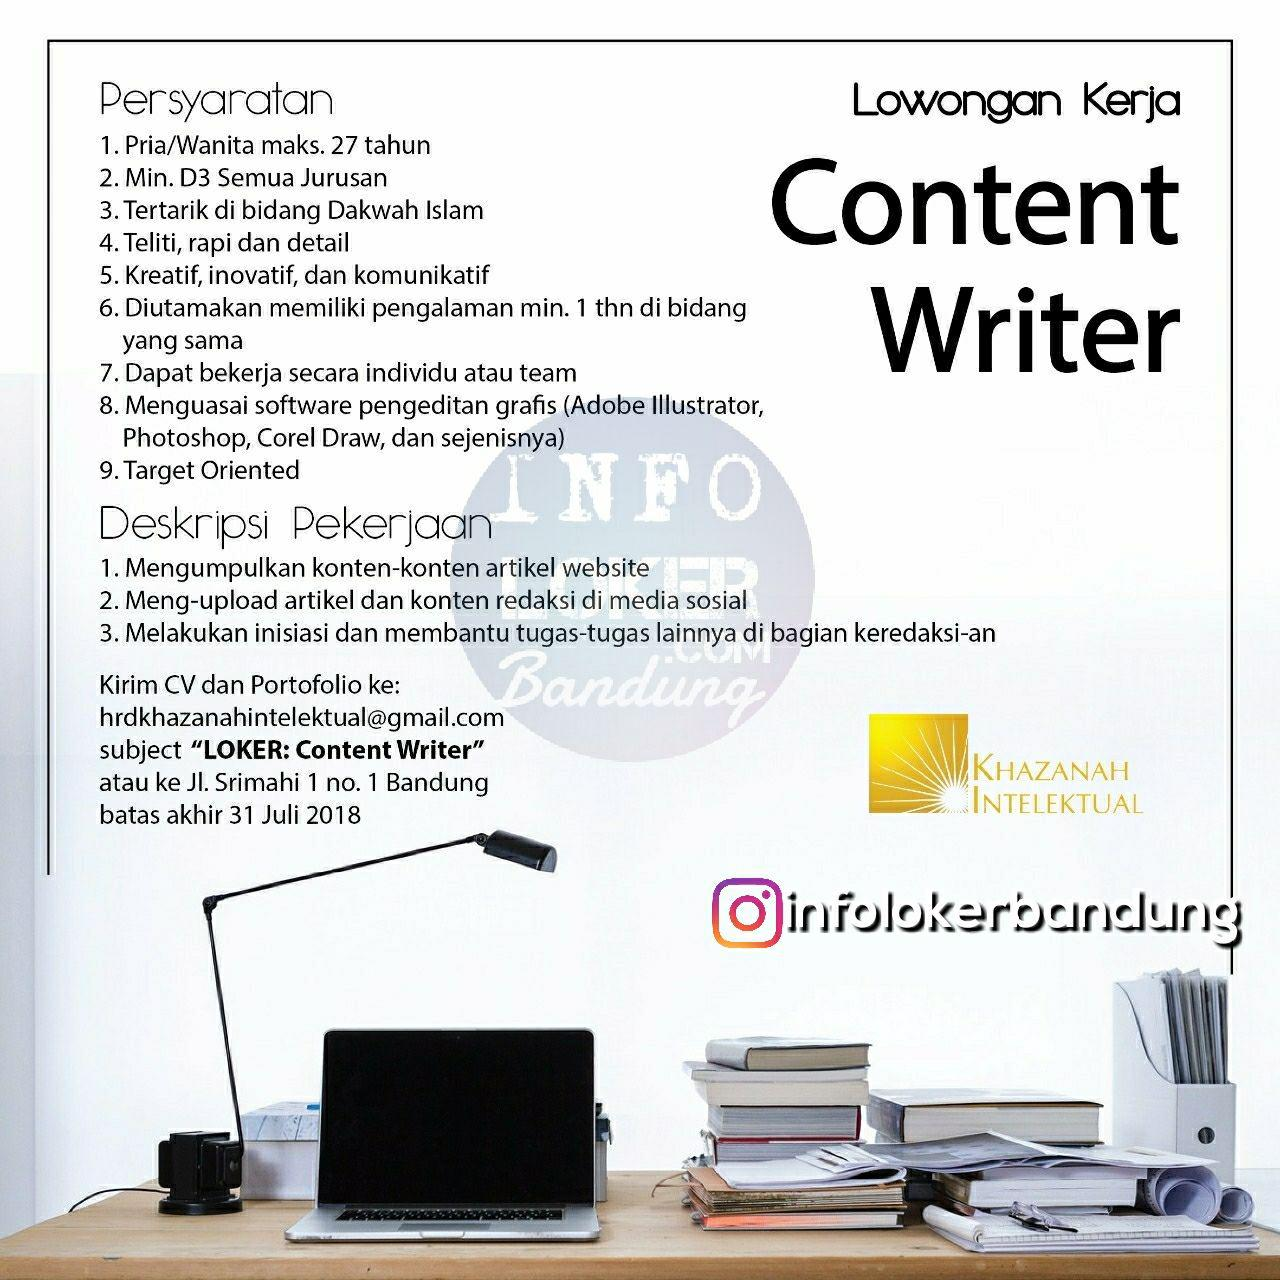 Lowongan Kerja PT. Berkah Khazanah Intelektual ( Percikan Iman Online ) Bandung Juli 2018 - infolokerbandung.com